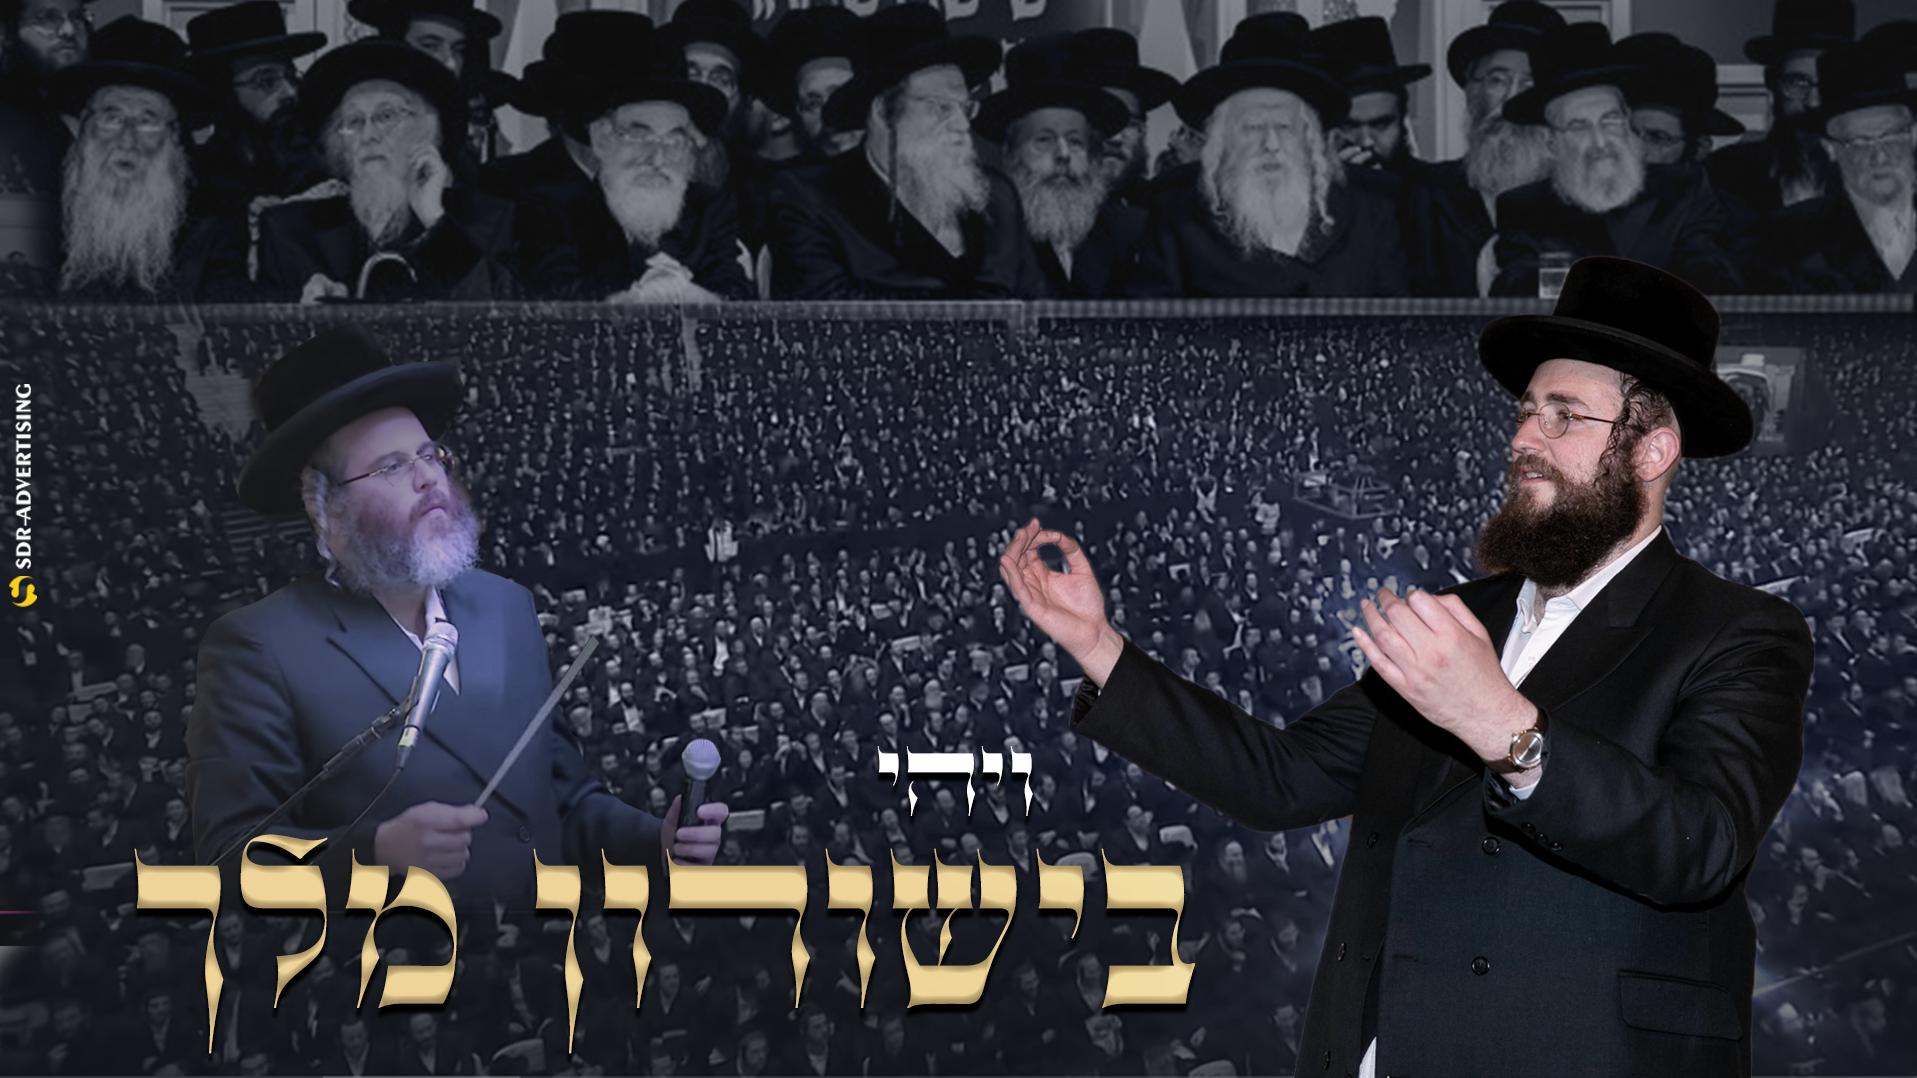 פנחס ביכלר ודודי קאליש מגישים: 'ויהי בישורון מלך' 15